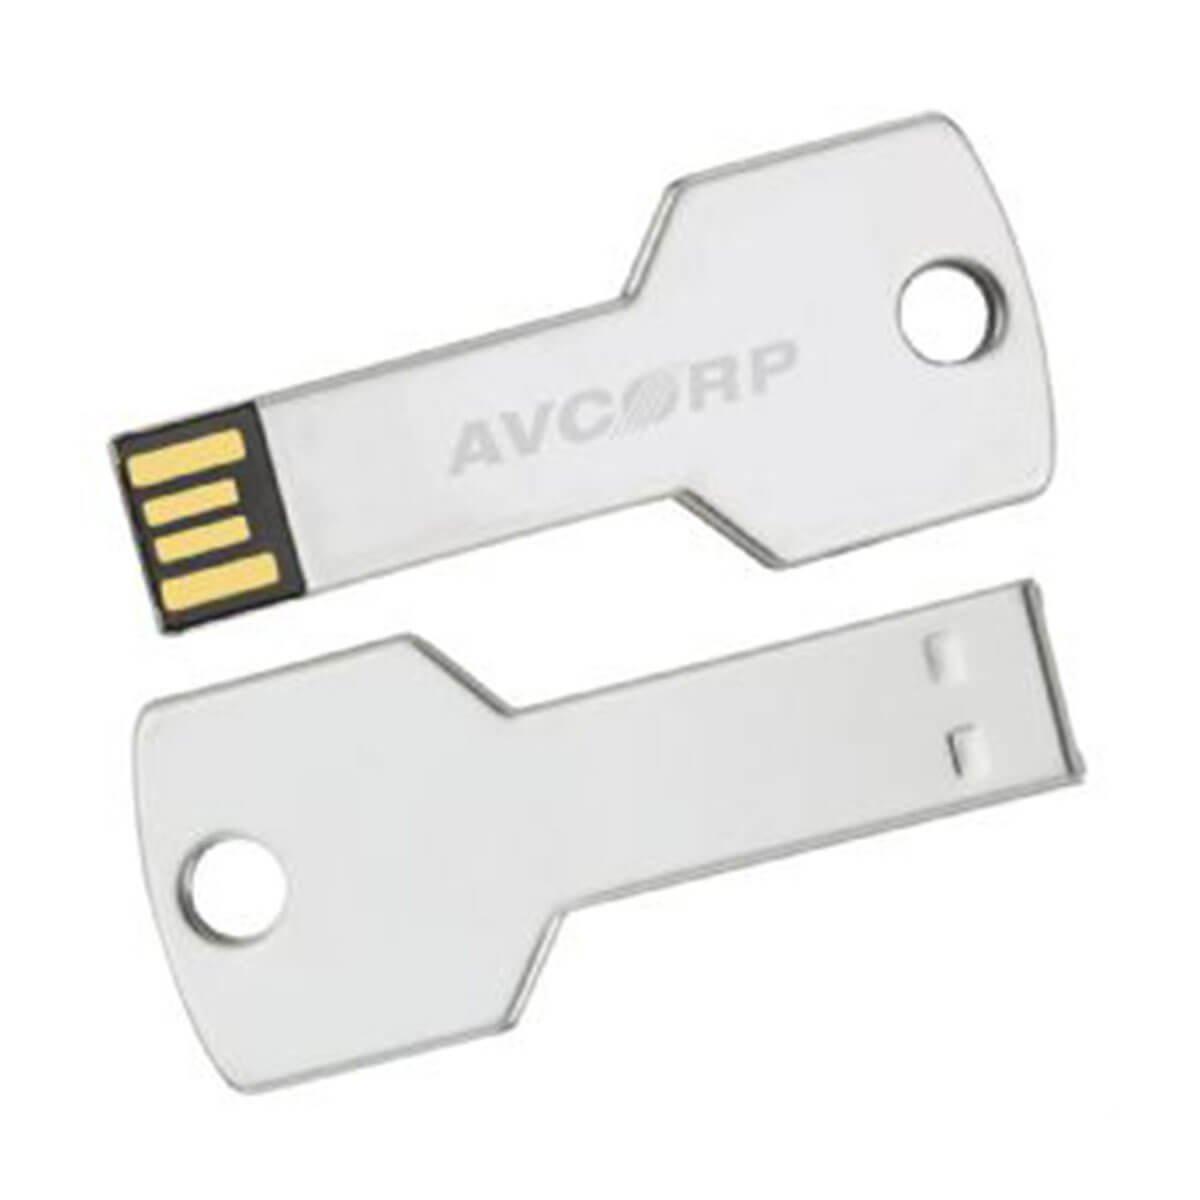 Key Flash USB-Silver.